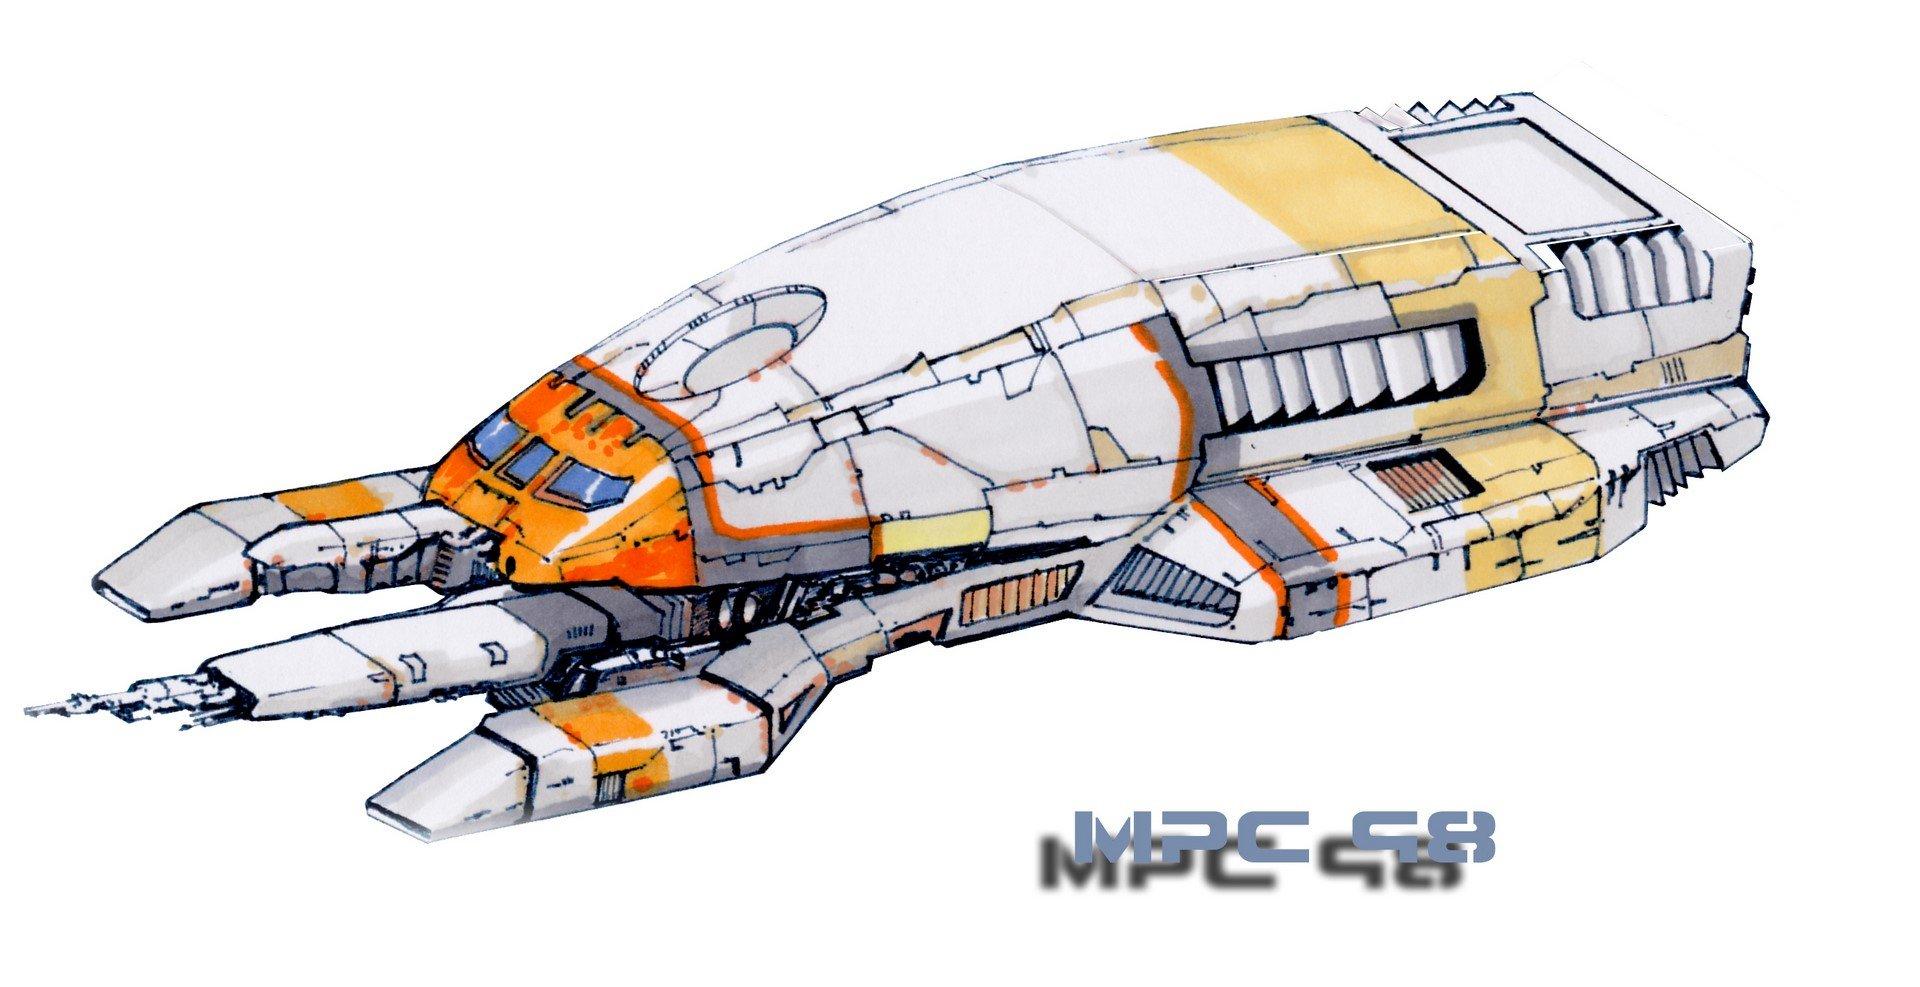 German impache mpc shuttle copia